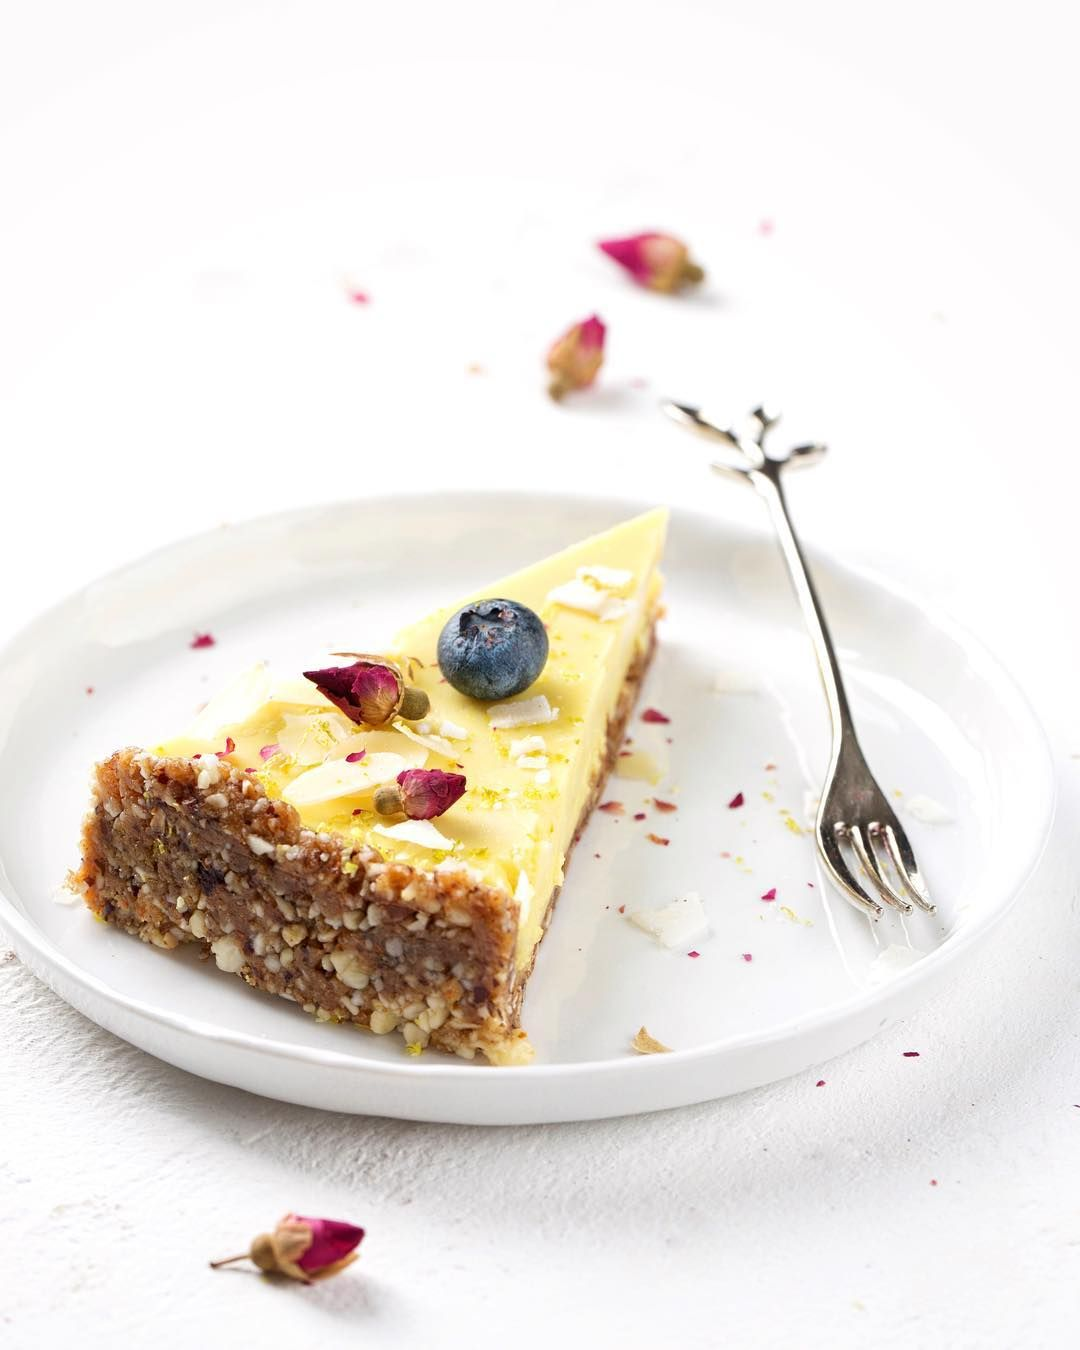 Recept Za Tri Osvjezavajuce Torte S Limunom Donosimo Na Linku Food Torte Desserts